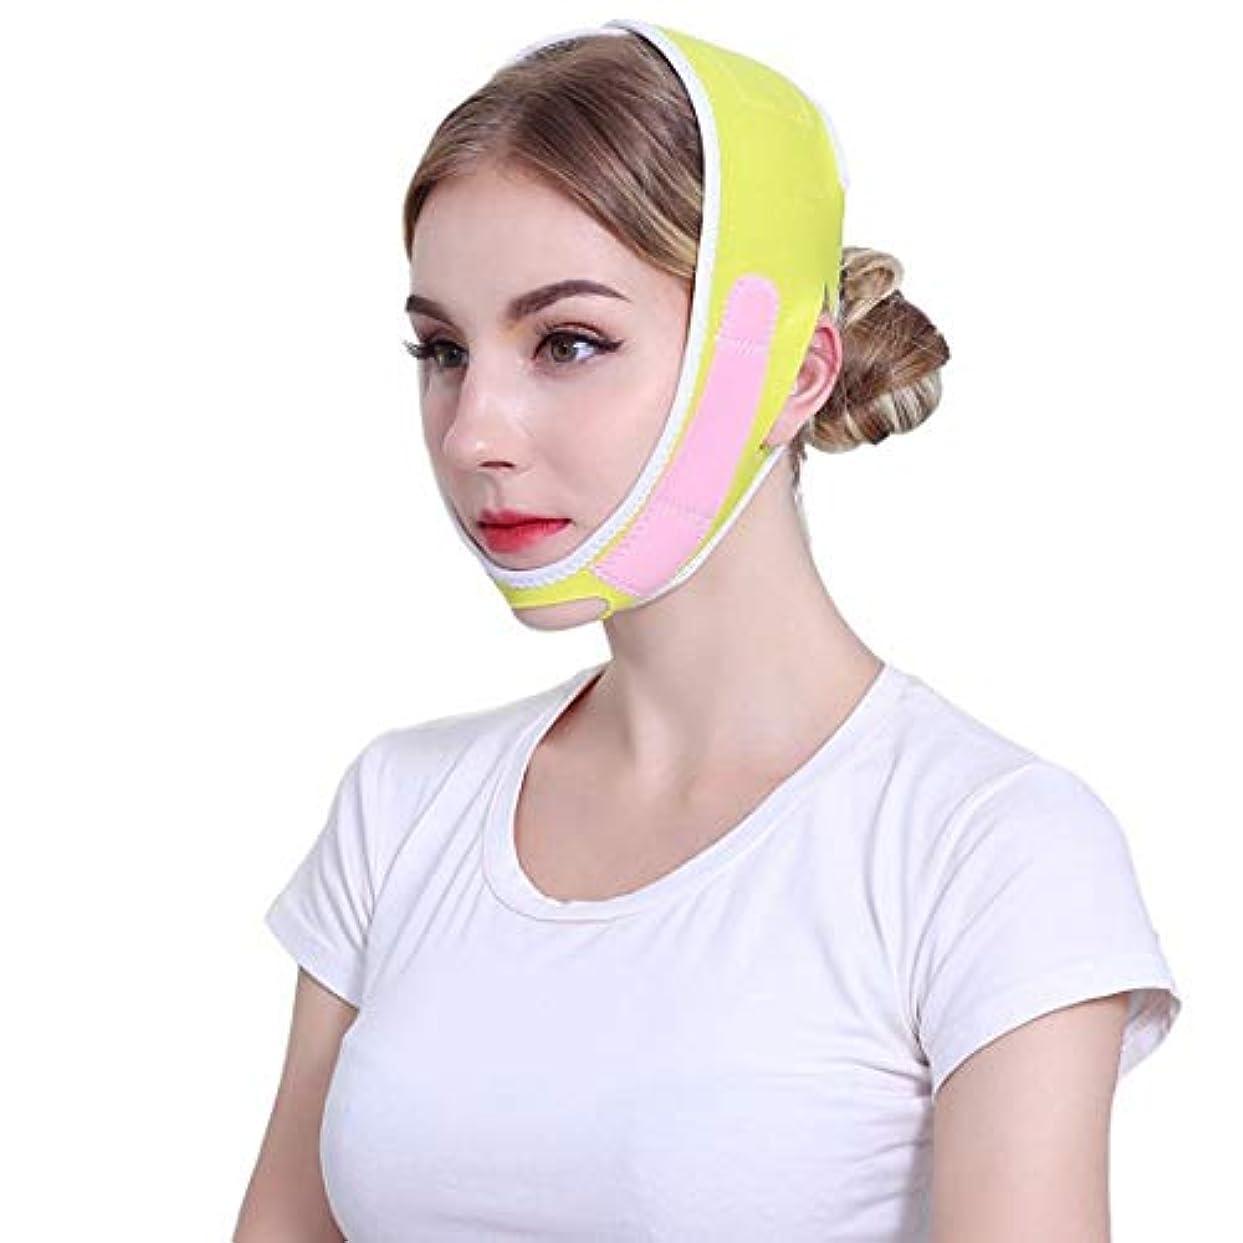 学校の先生巨大苦しめるZWBD フェイスマスク, フェイスリフティング包帯v薄い顔の形の男性と女性vフェイスリフティング引き締めリフティングフェイス包帯黄色